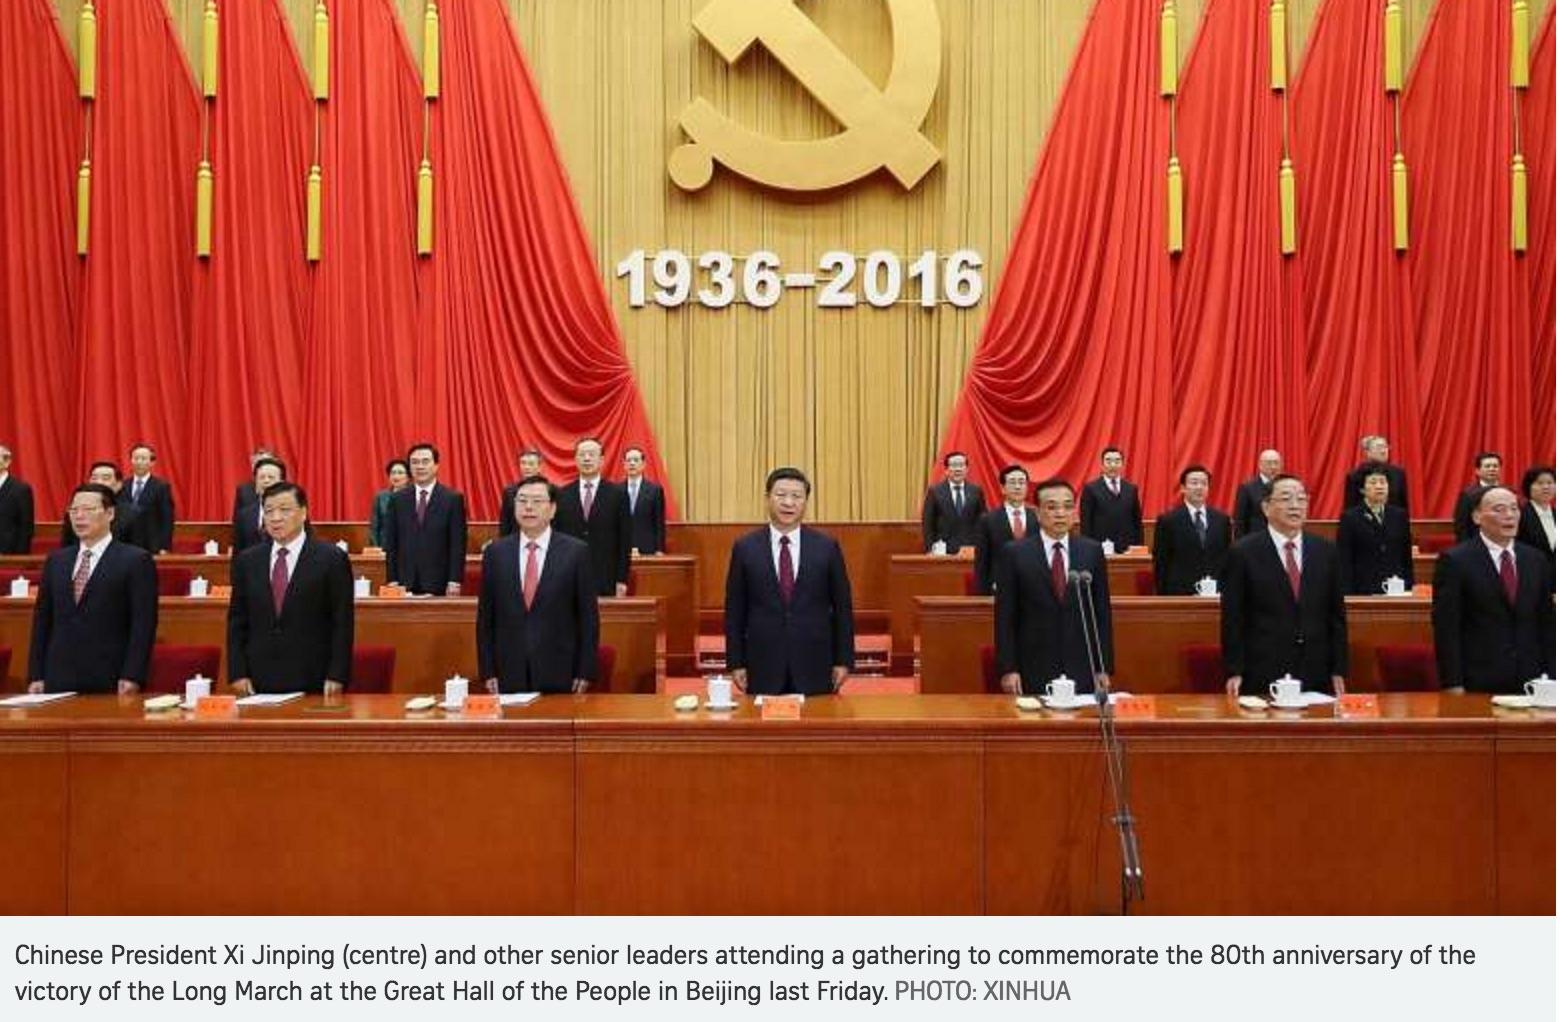 Xi jinping restera-t-il à la tête du parti communiste chinois ? Peut-être un début de réponse après le 6ème plénum du PCC qui s'ouvre ce lundi 24 octobre à Pékin. Copie d'écran du Straits Times, le 24 octobre 2016.